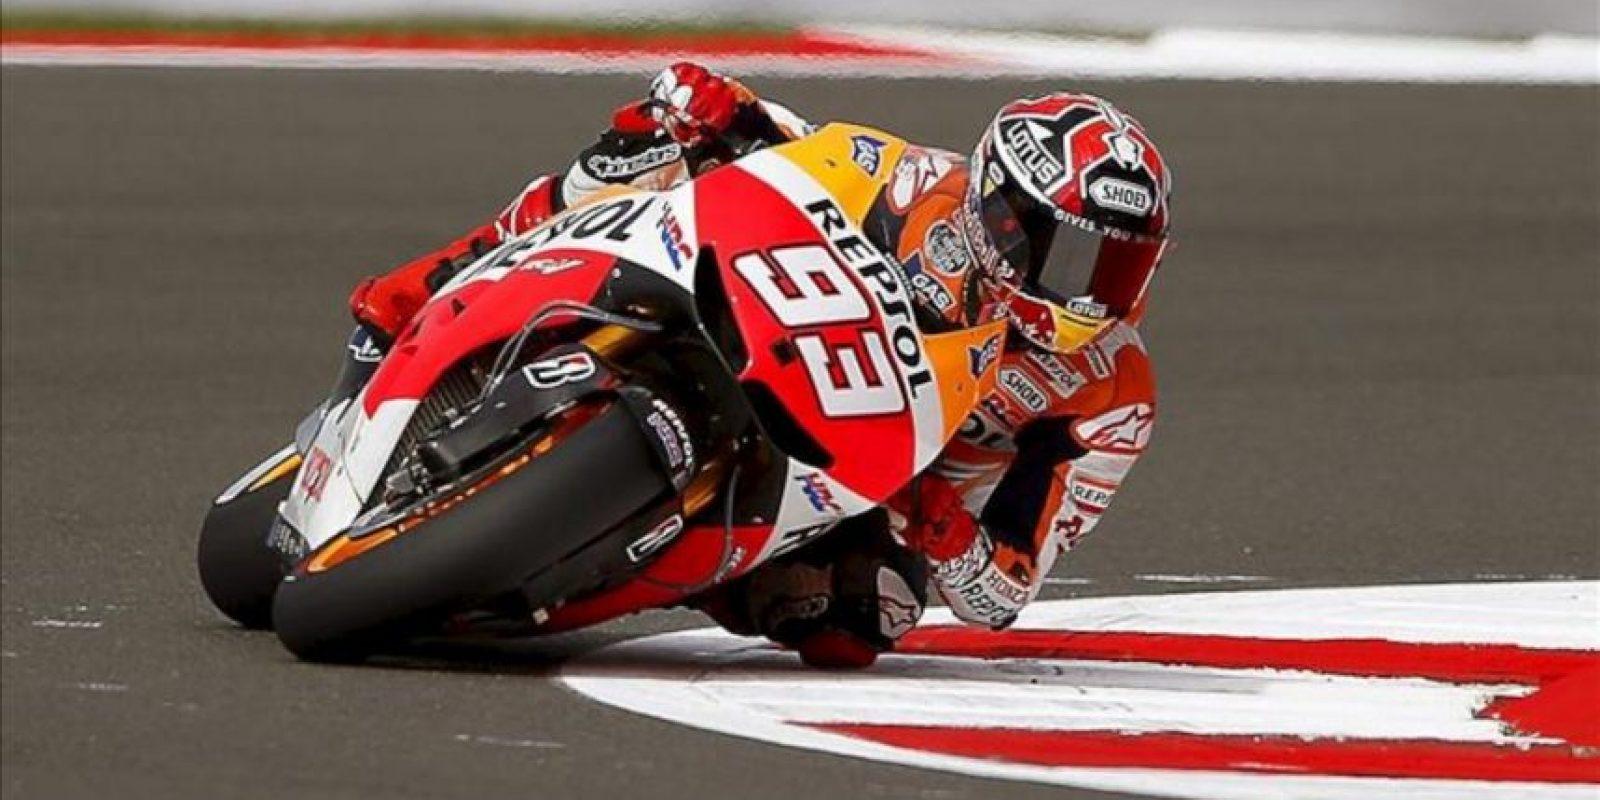 El piloto español de MotoGP Marc Márquez, de Honda, participa en una sesión de entrenamientos libres en el circuito de Silverstone. EFE